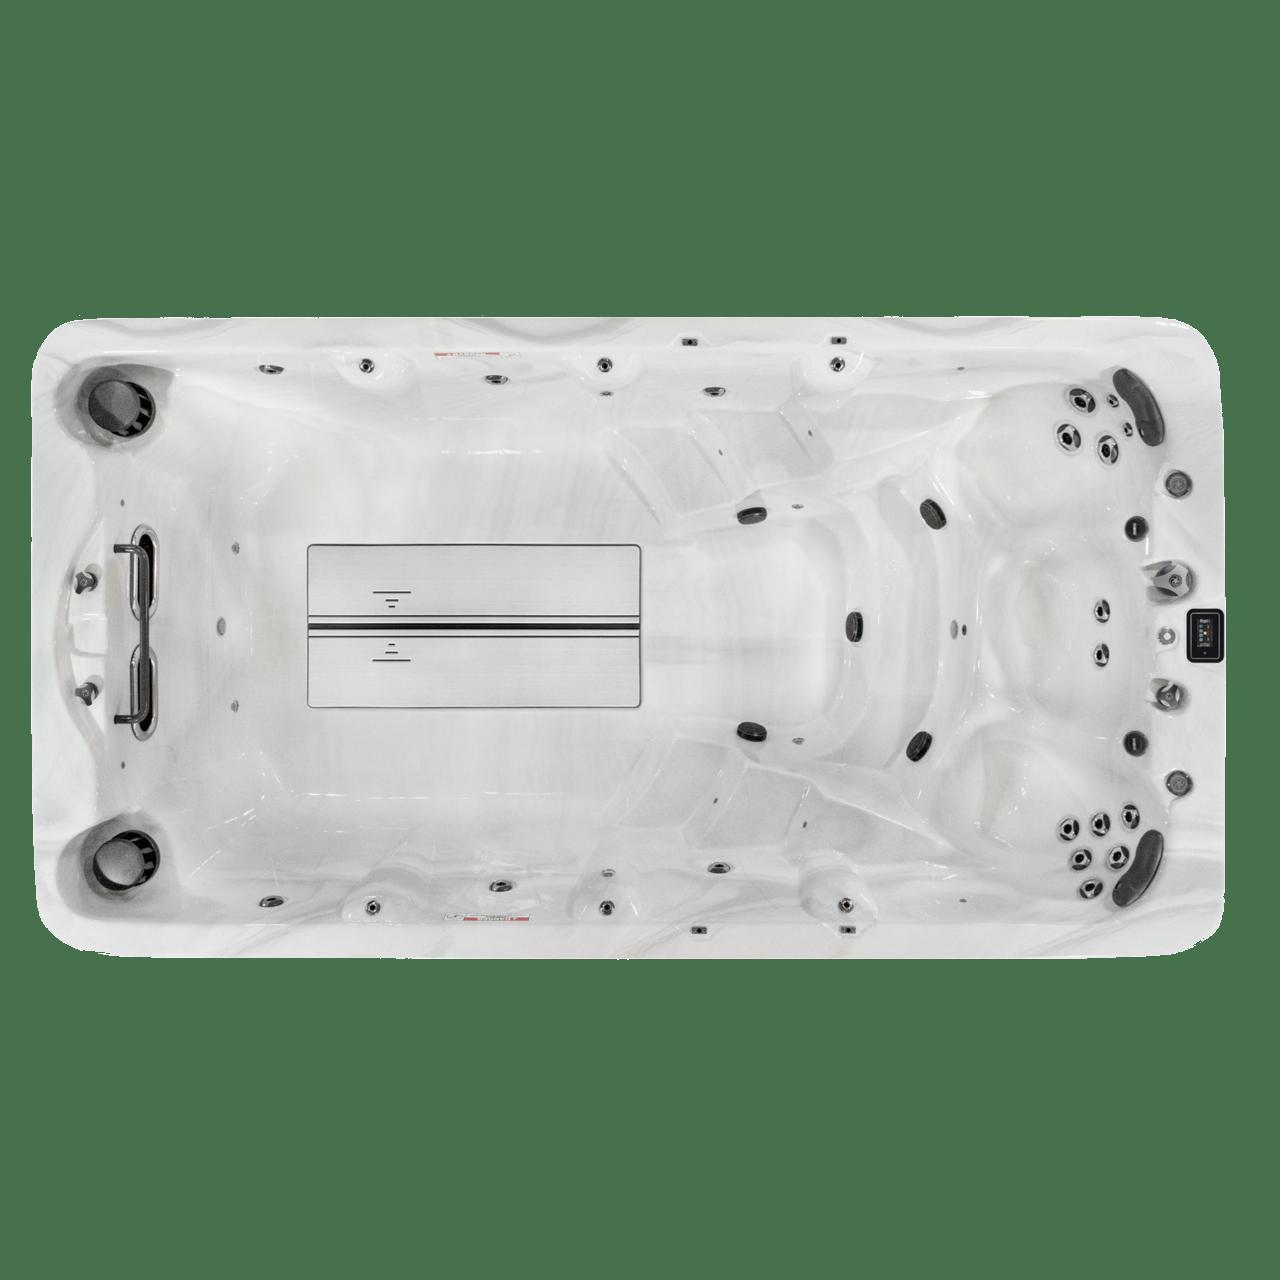 PowerPool ML4 Swim Spa & Hot Tub